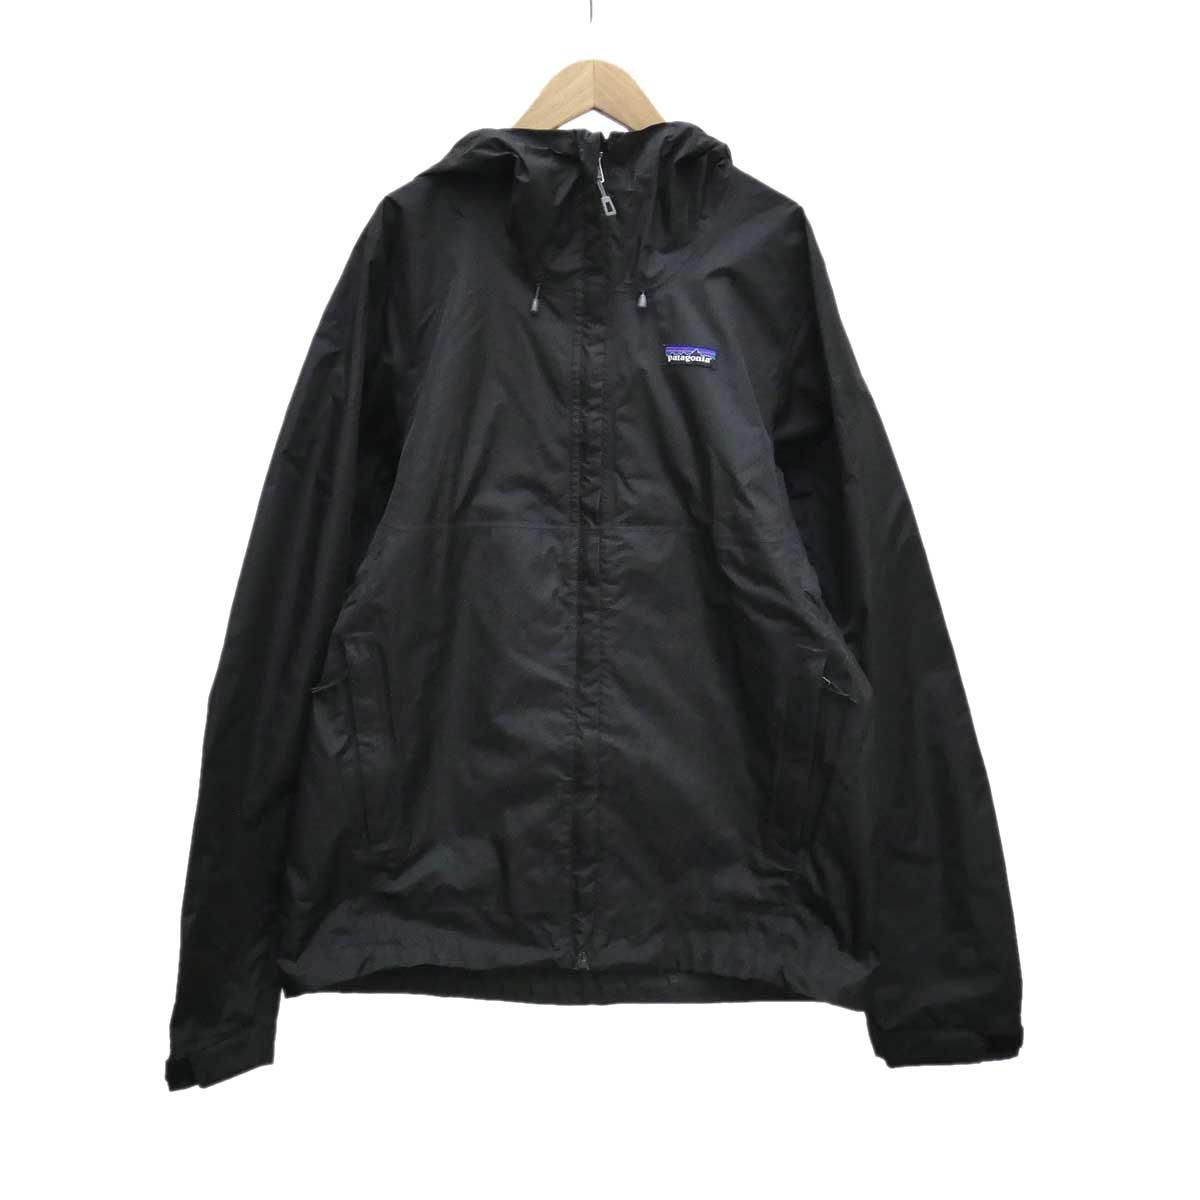 【中古】patagonia トレントシェル ジャケット ブラック サイズ:S 【130420】(パタゴニア)